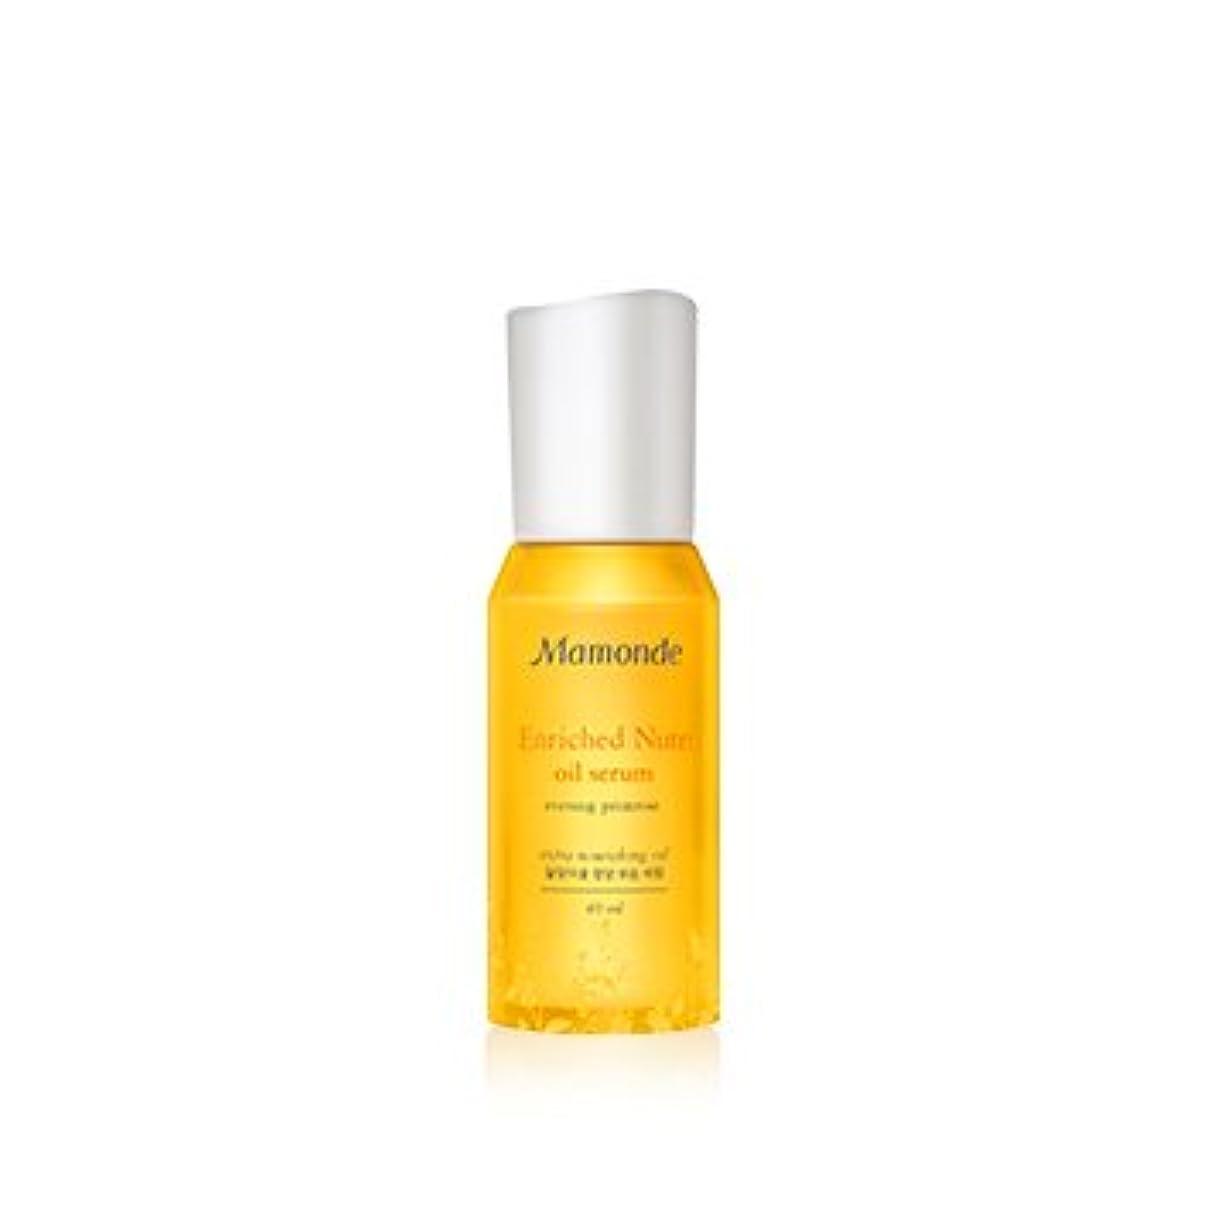 レイア規制する約束する[New] Mamonde Enriched Nutri Oil Serum 40ml/マモンド エンリッチド ニュートリ オイル セラム 40ml [並行輸入品]